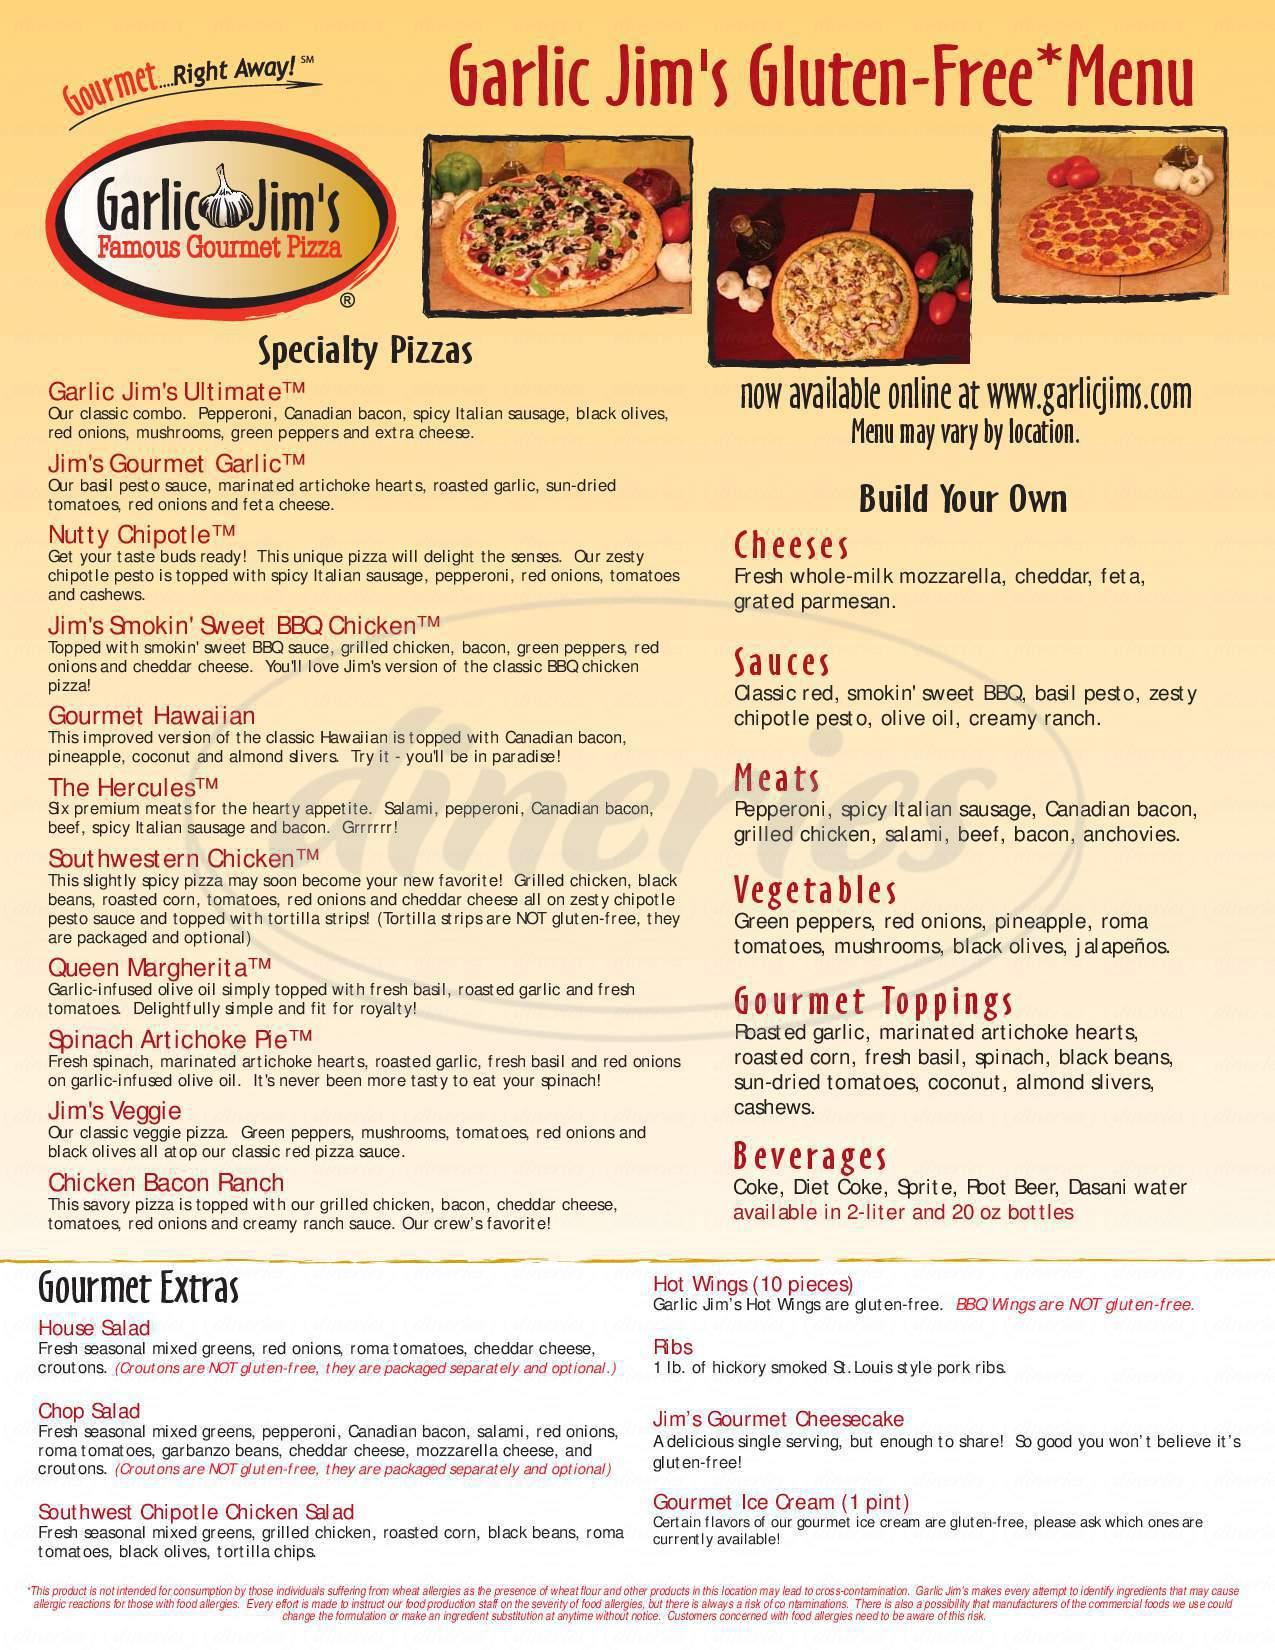 menu for Garlic Jim's Famous Gourmet Pizza